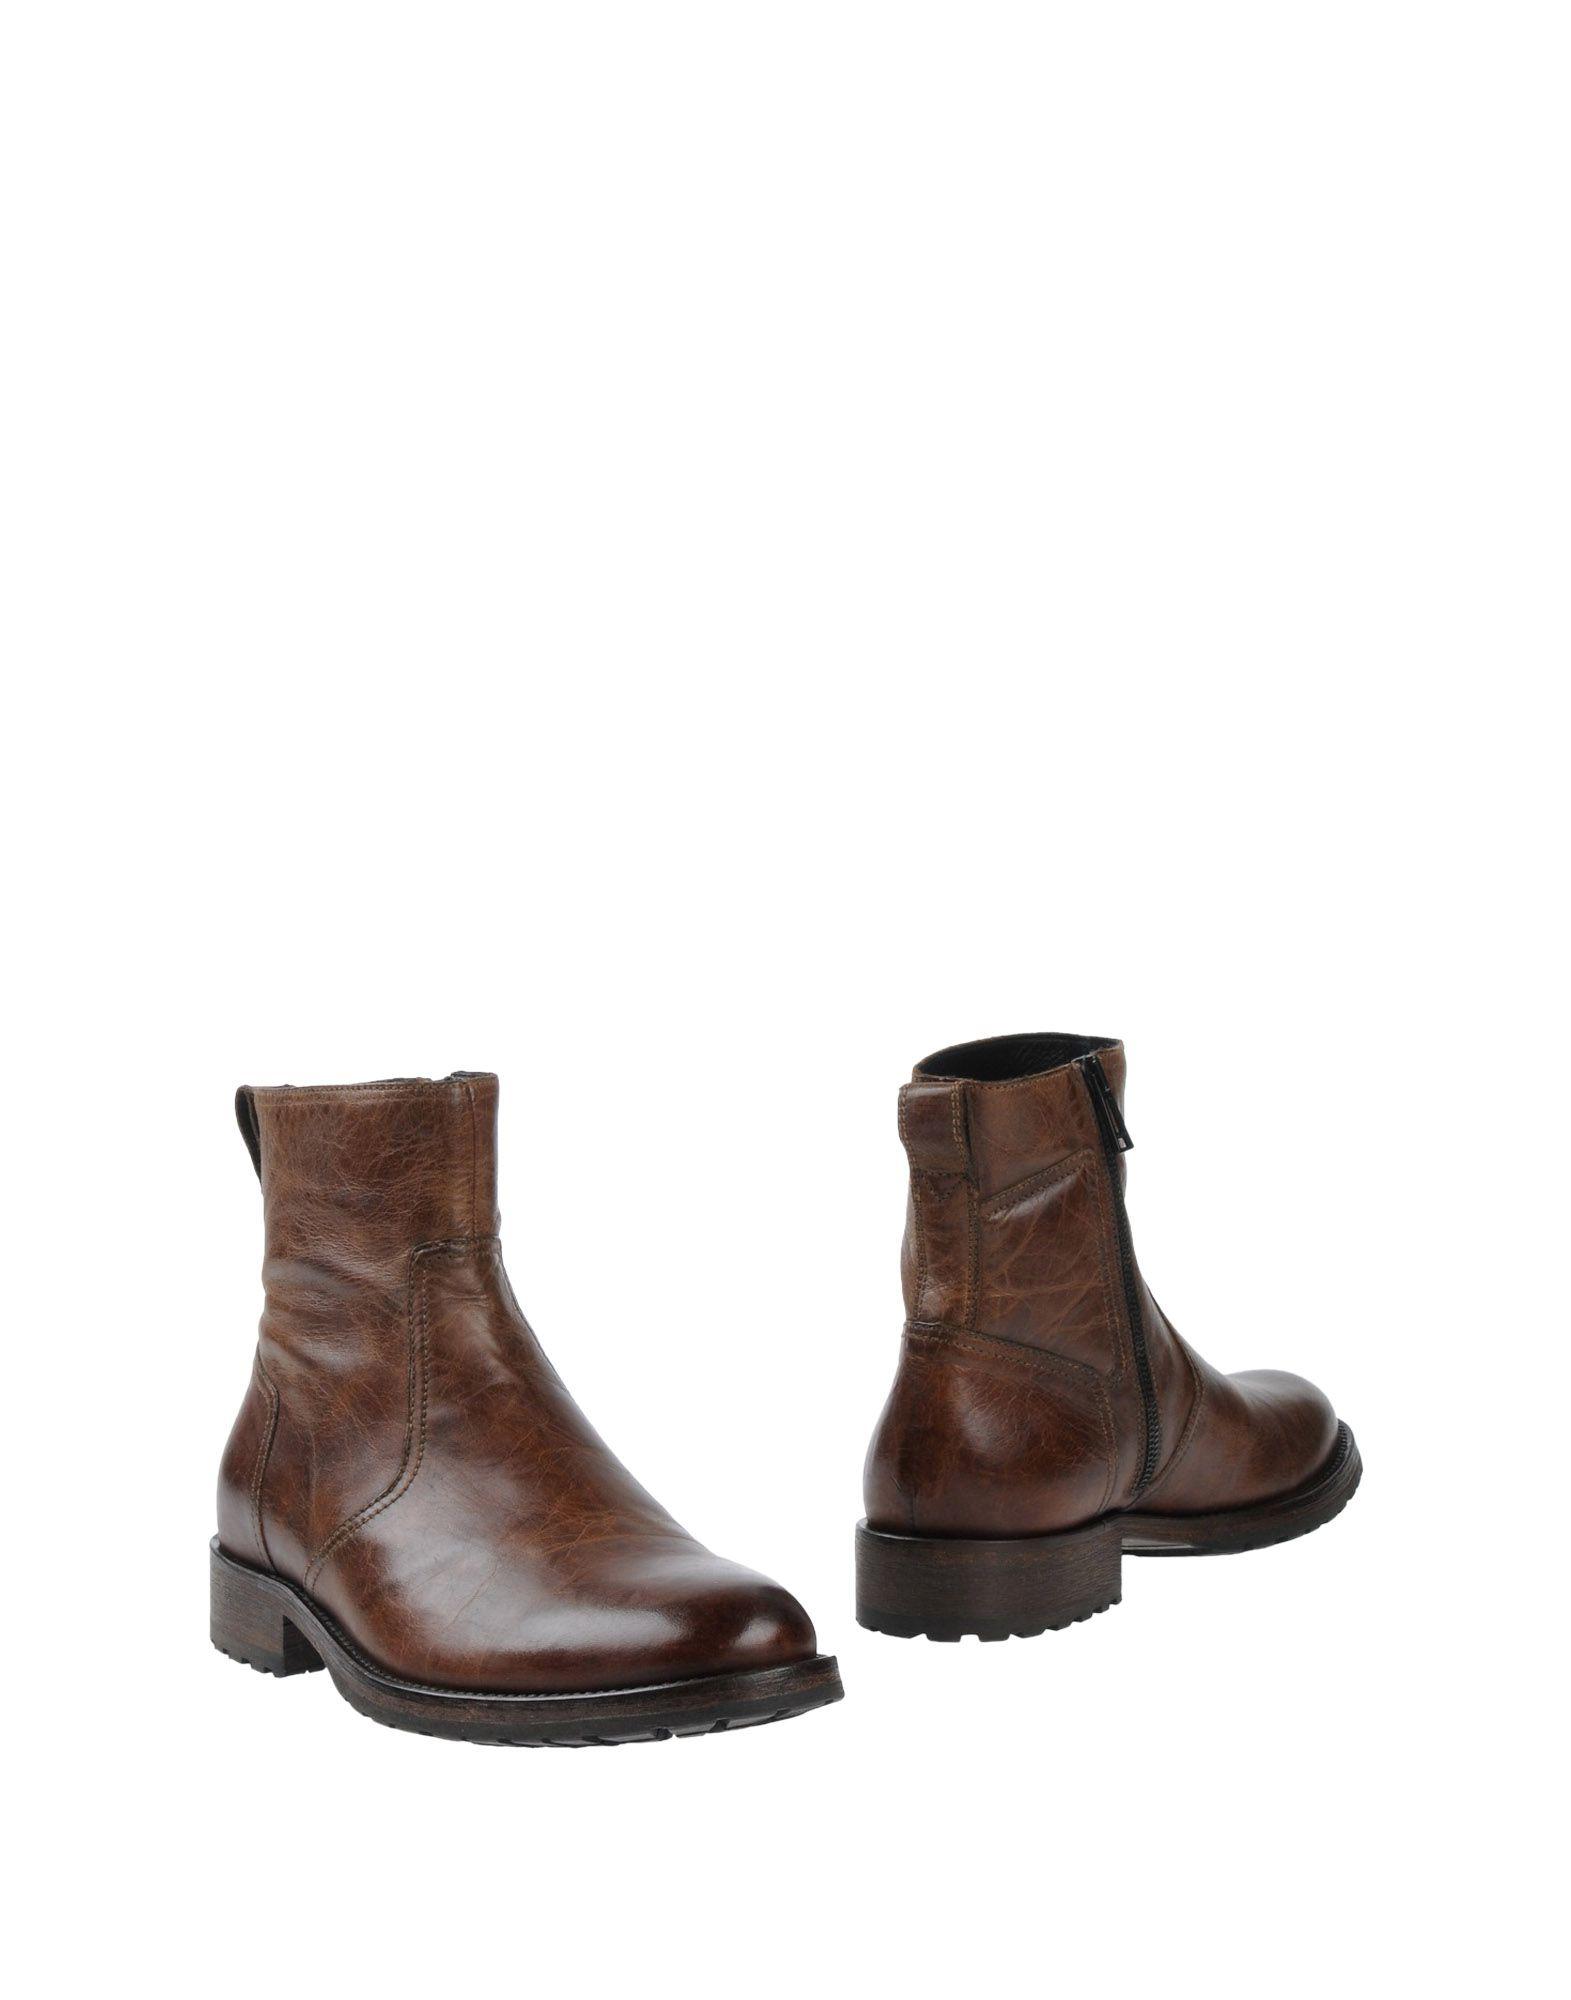 Belstaff Stiefelette Herren  11411673SQ Gute Qualität beliebte Schuhe